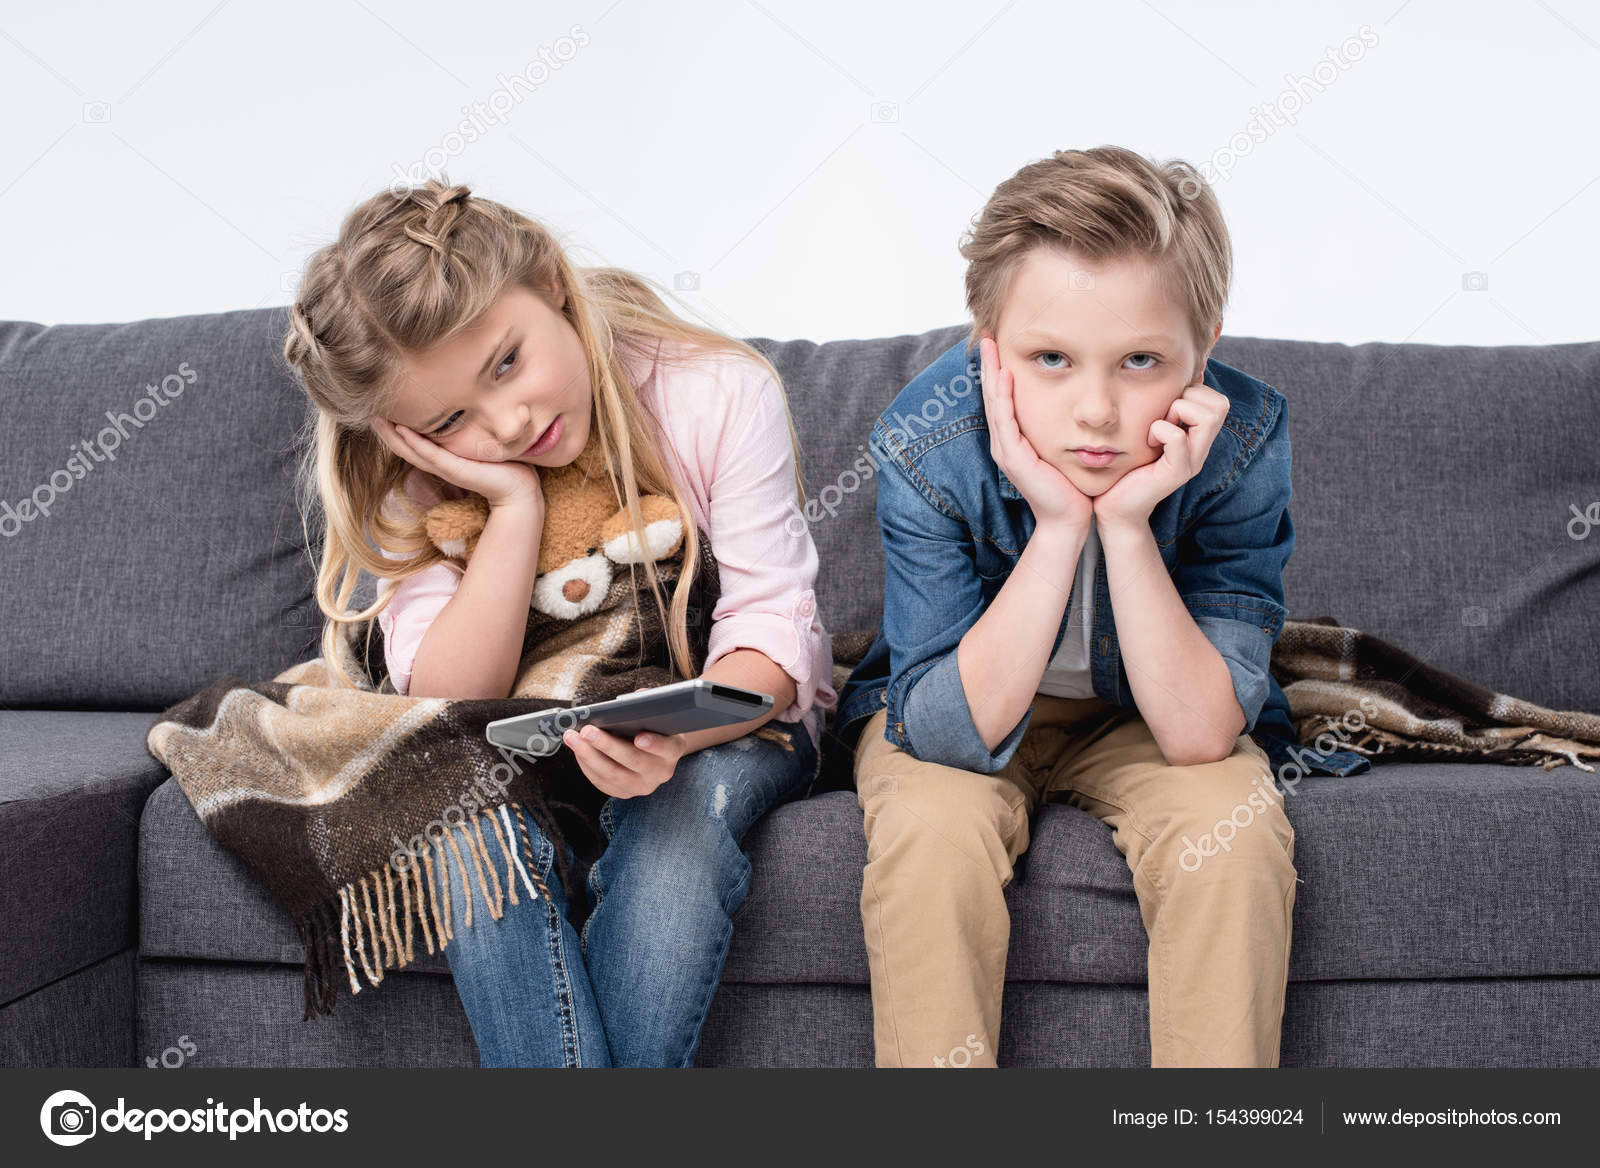 Сестра возбудила своего брата и его друга, Сестра возбудила брата и трахалась с ним - порнофаза 13 фотография